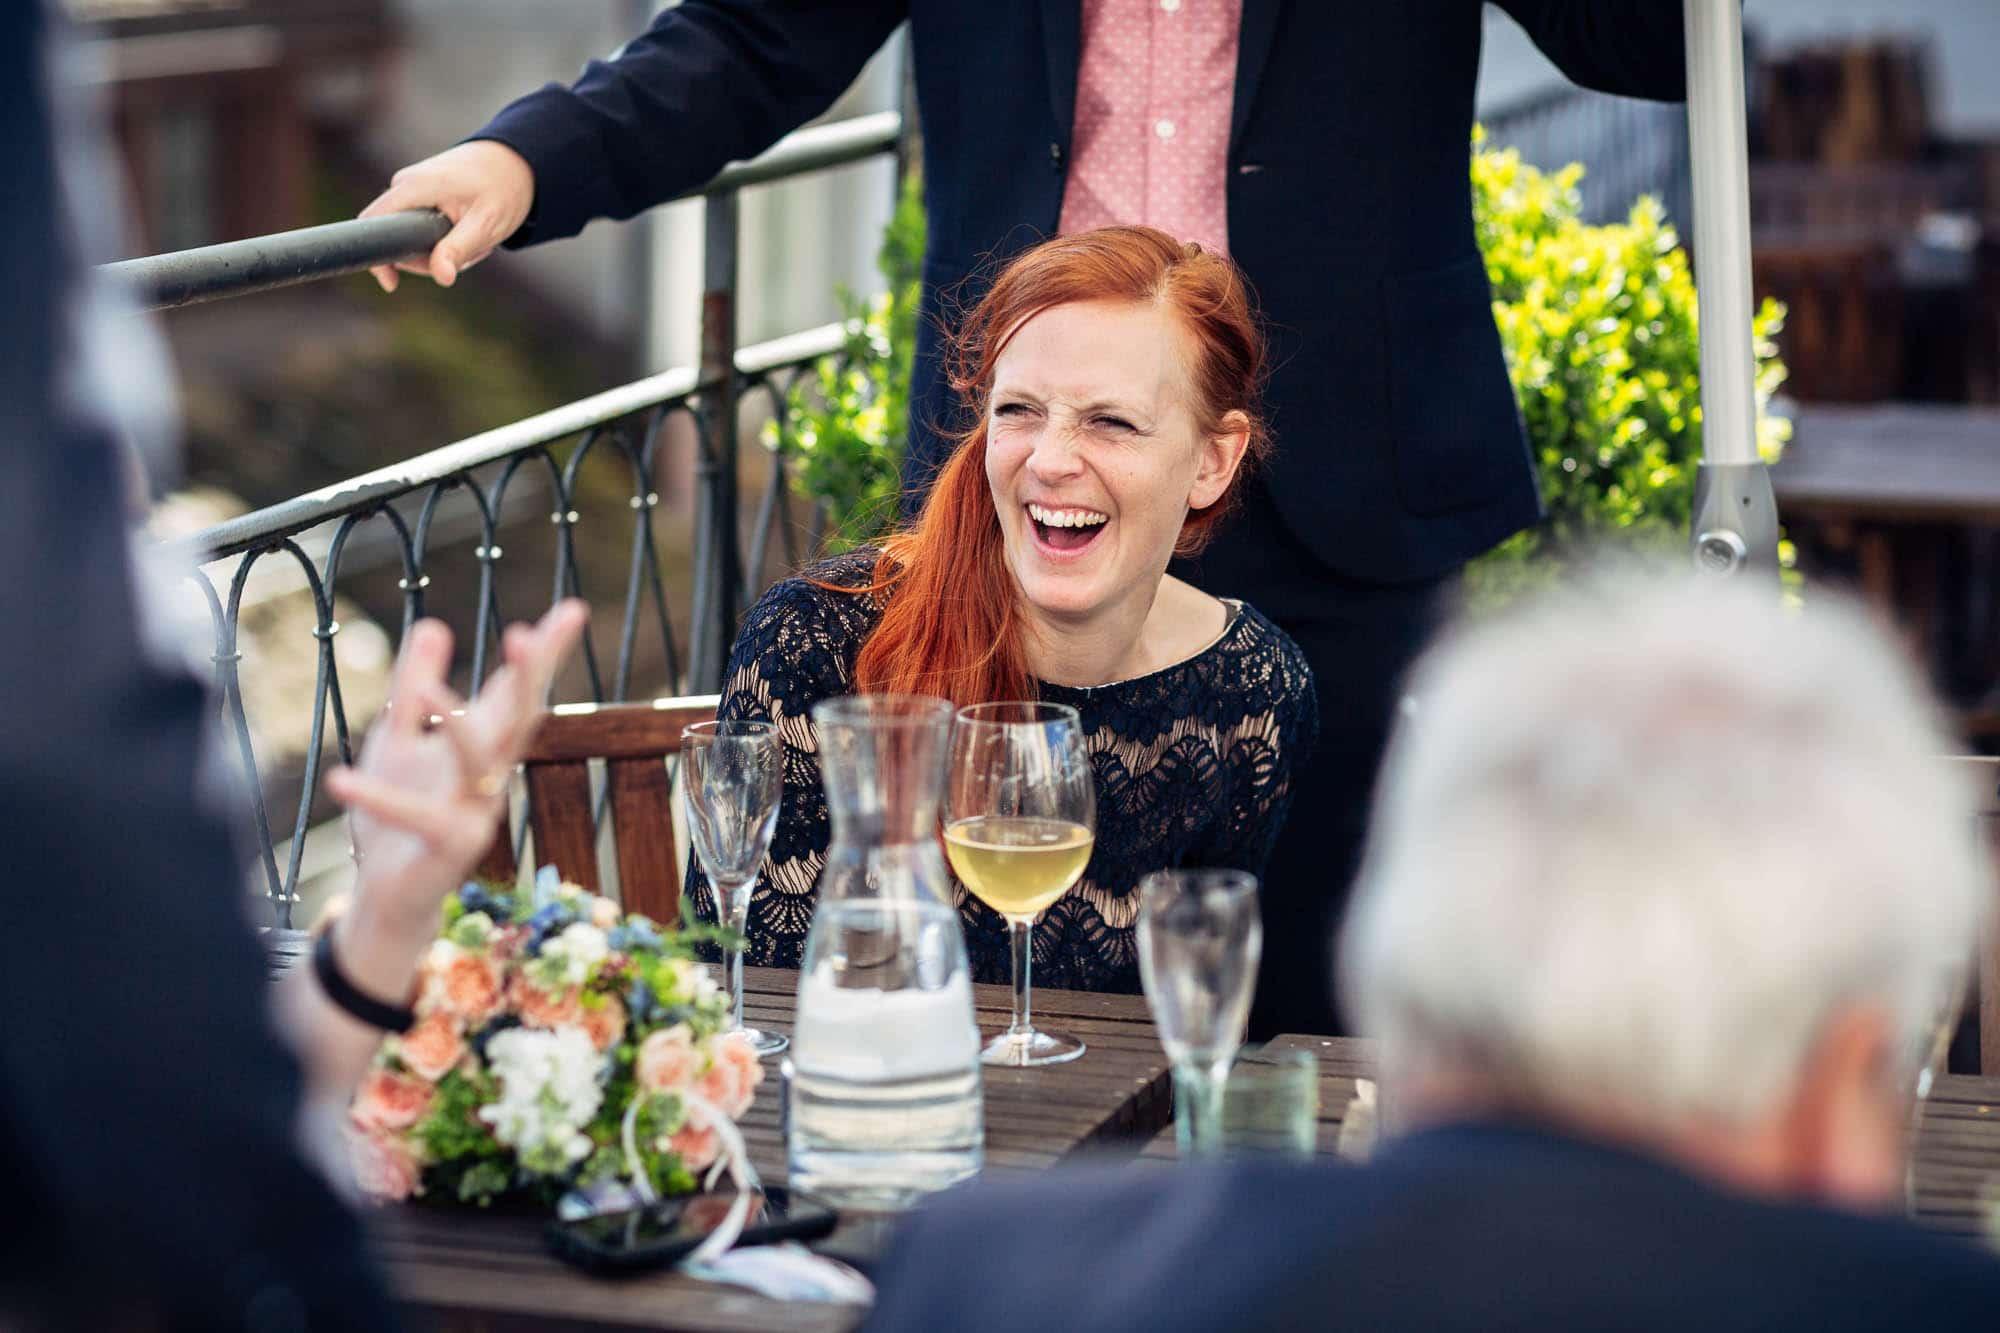 Gast lacht während einer lustigen Erzählung